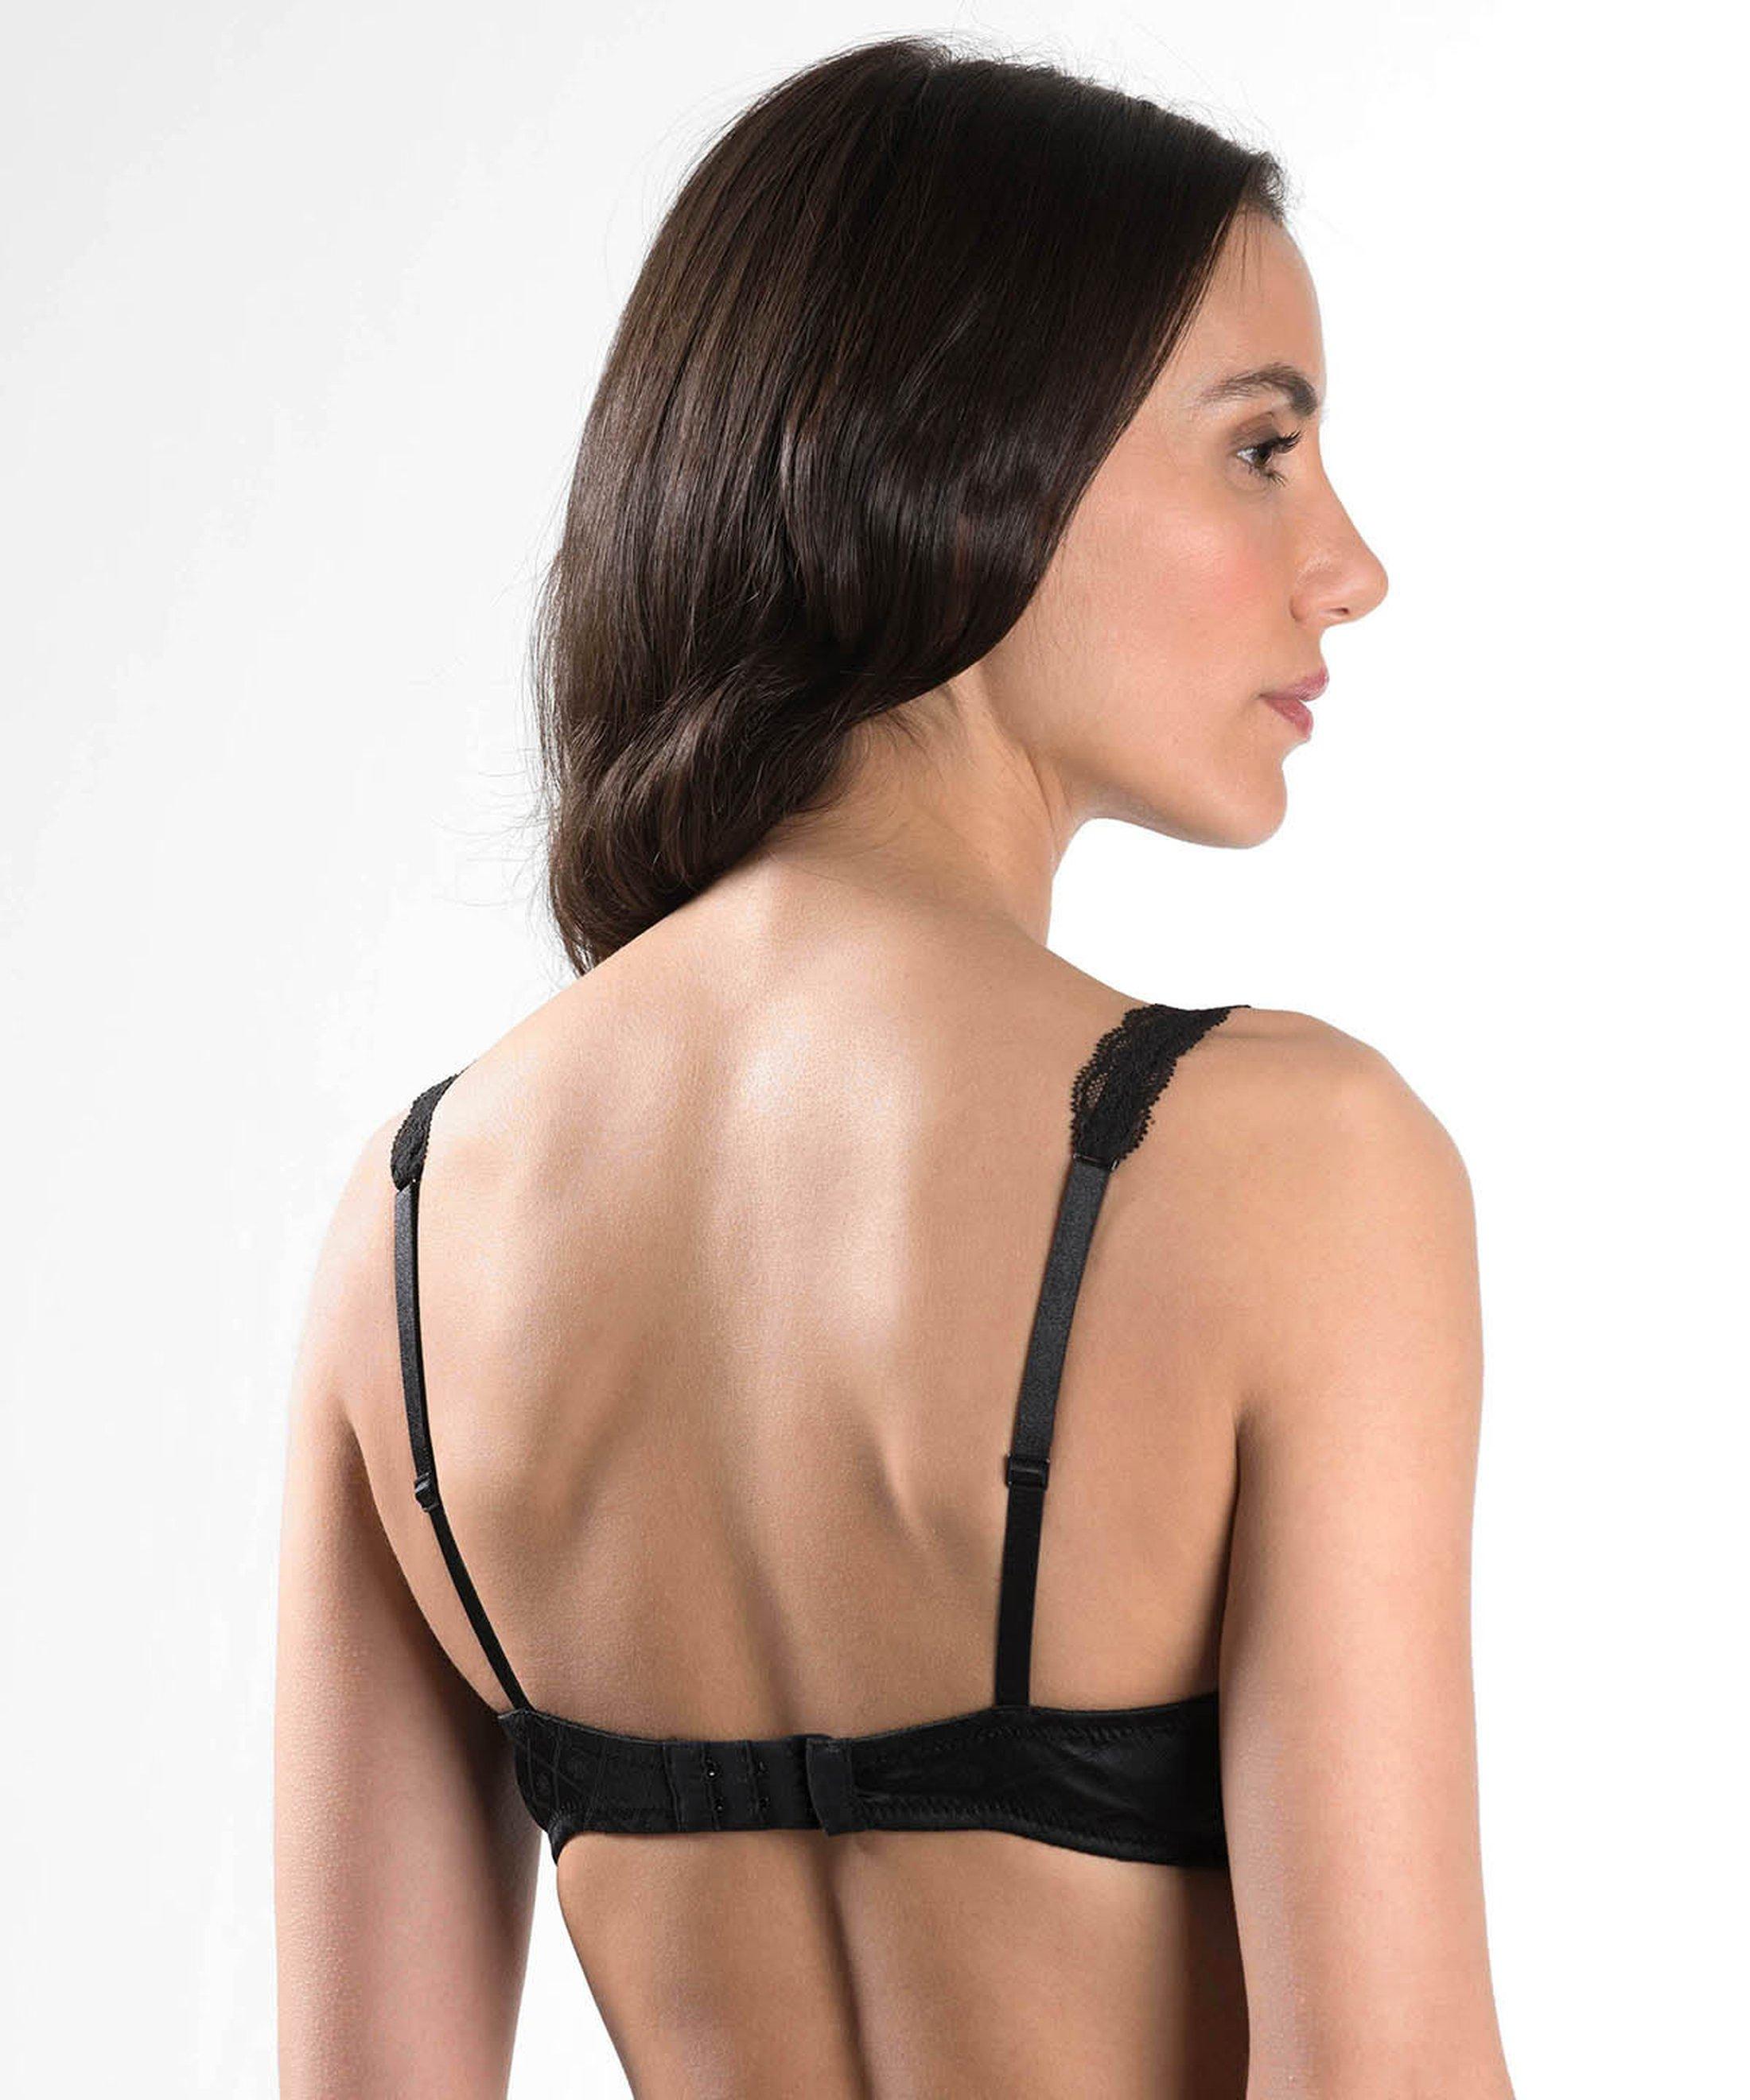 FEMME AUBADE Soutien-gorge triangle avec armatures Noir | Aubade